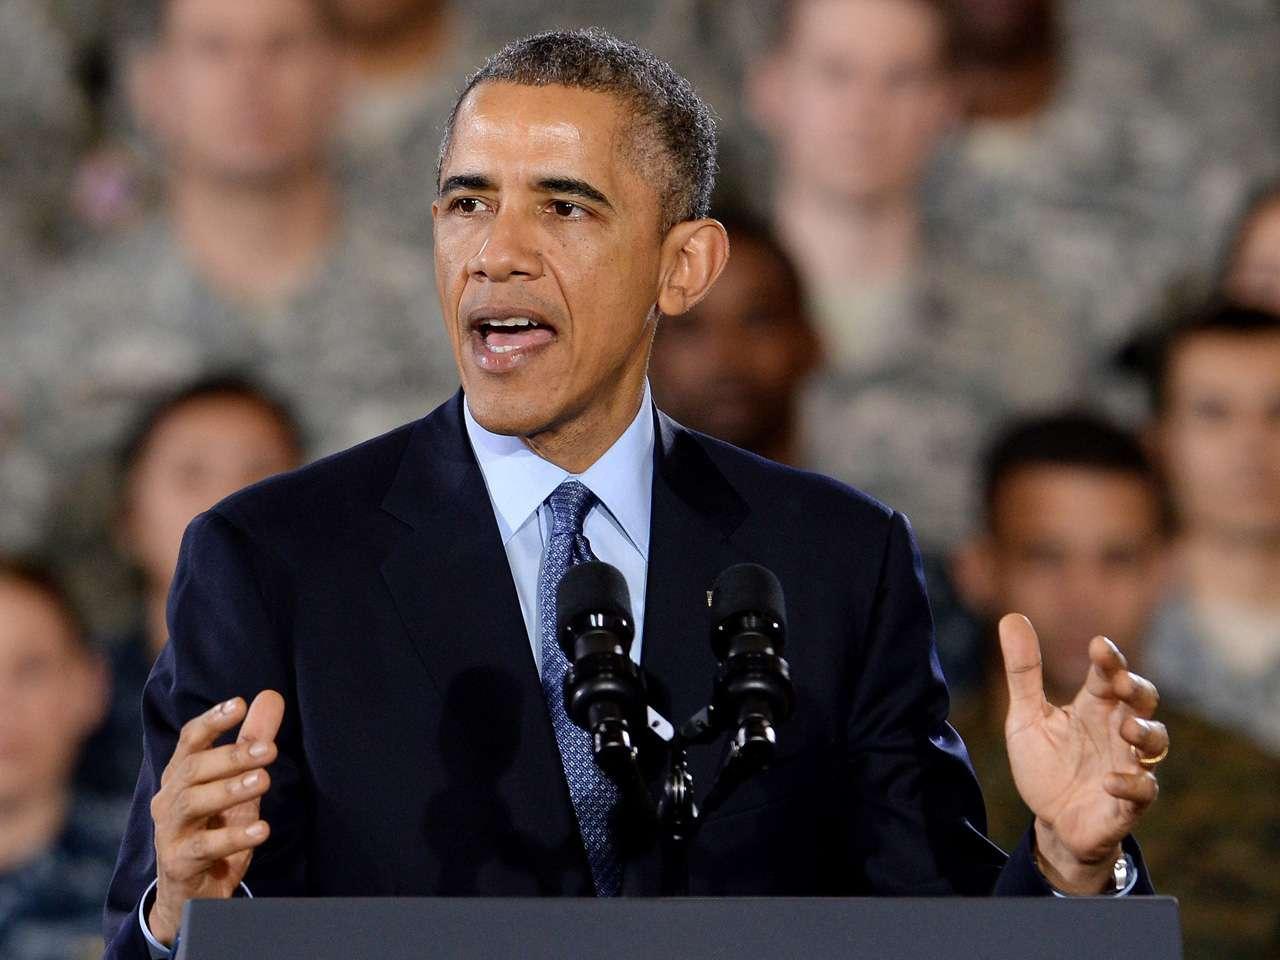 """El juez esgrime que Obama """"violó la separación de poderes"""" con su acción unilateral, que considera """"inconstitucional"""" Foto: EFE en español"""